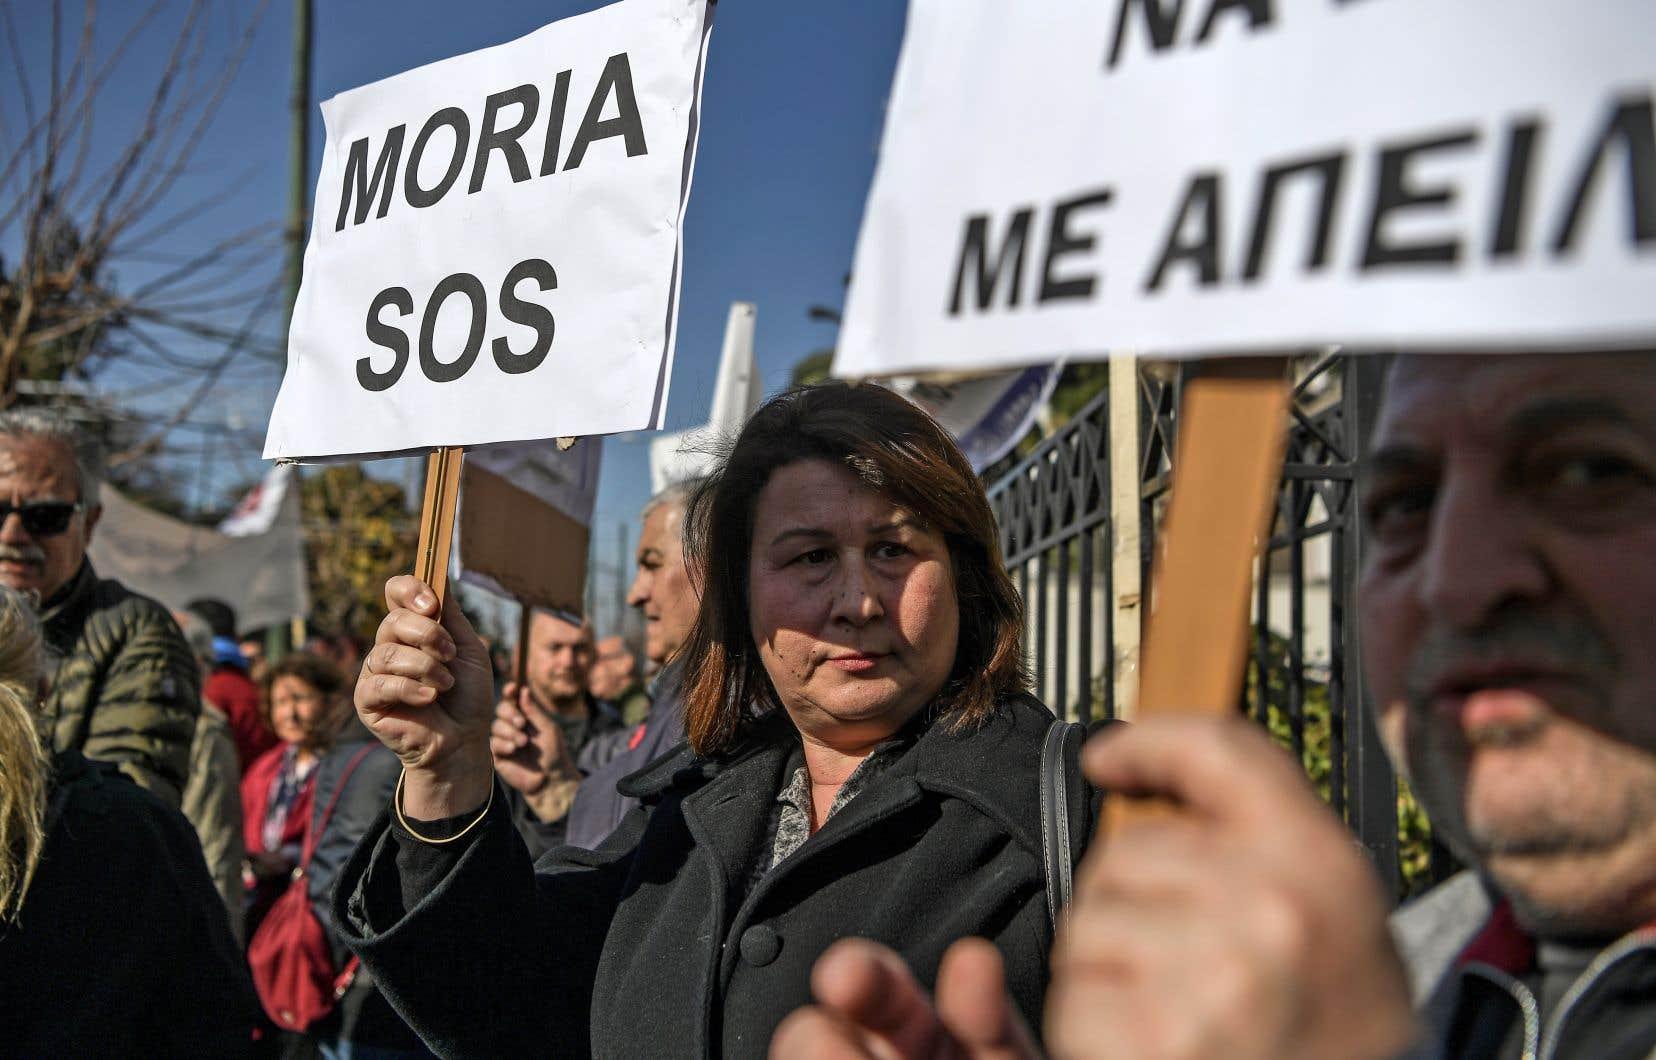 Des dizaines d'habitants des îles grecques ont manifesté à Athènes contre le projet du gouvernement conservateur de Kyriakos Mitsotakis.